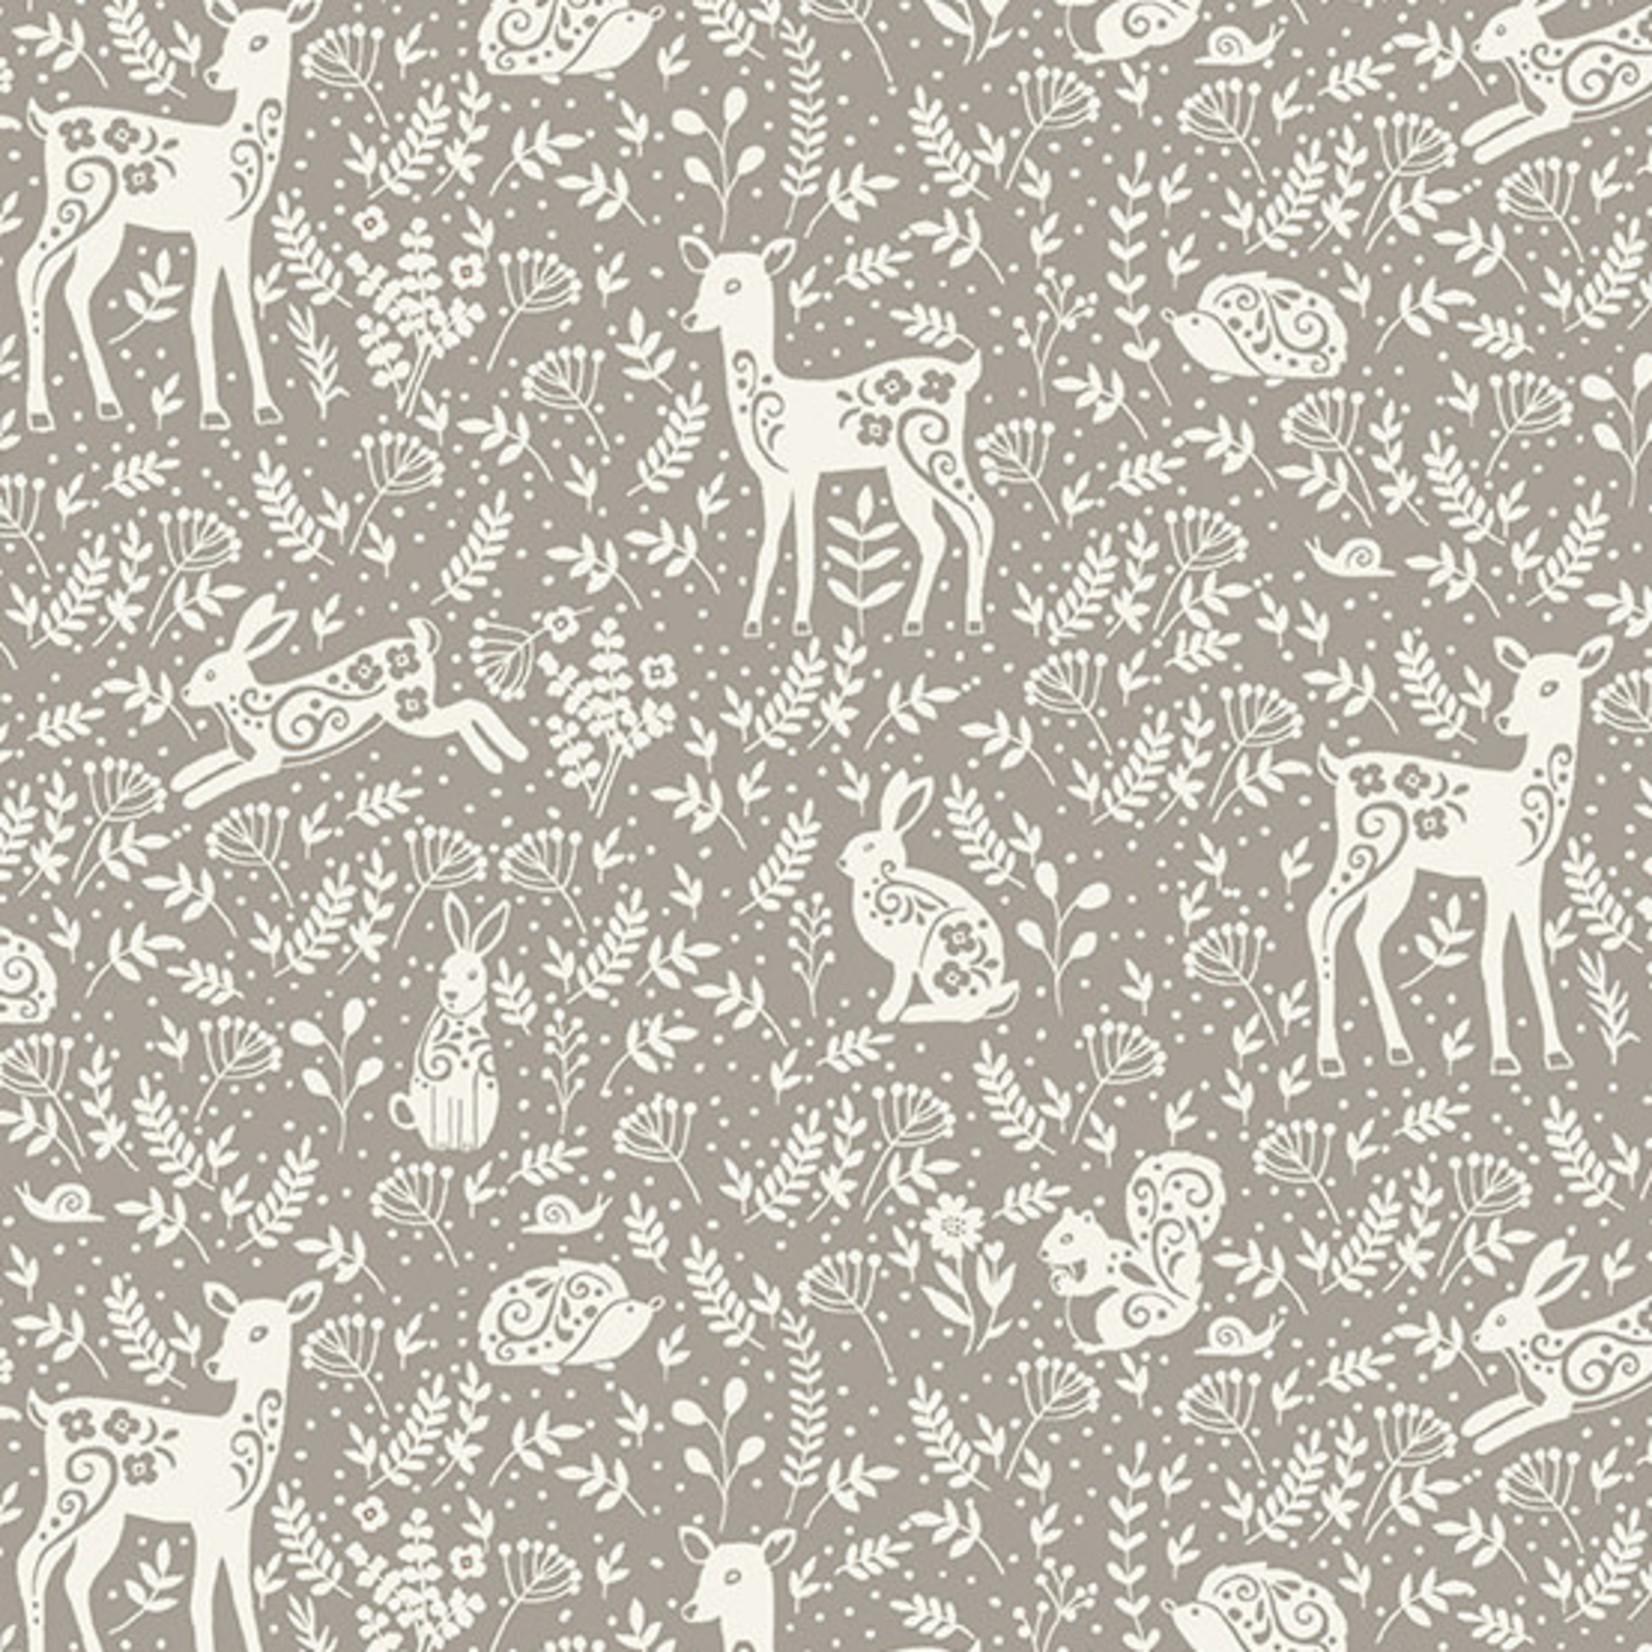 MAKOWER Claras Garden, Animals, Grey per cm or $20/m